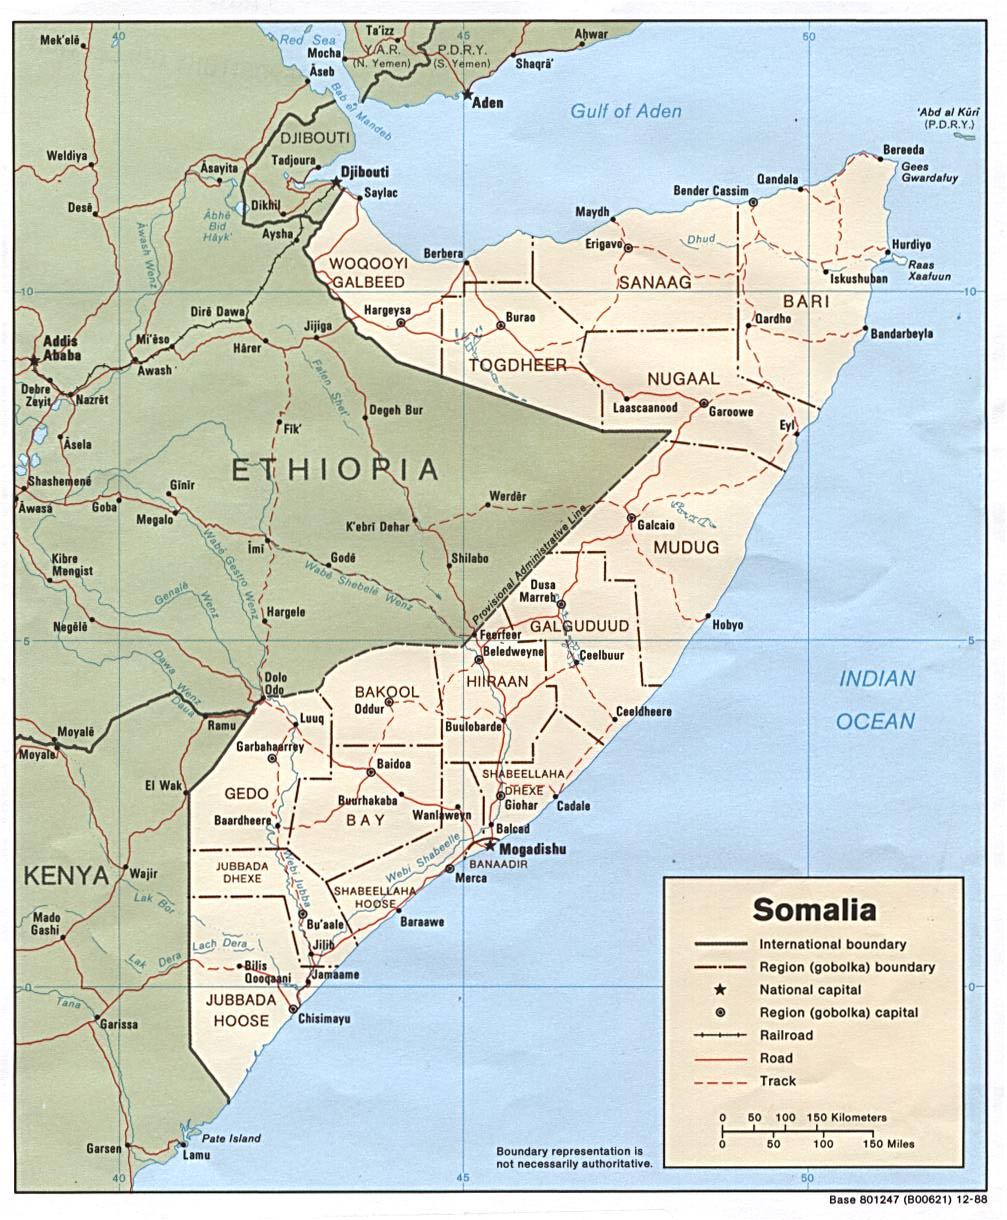 Somalitalkcom 18ka Gobol ee Soomaaliya